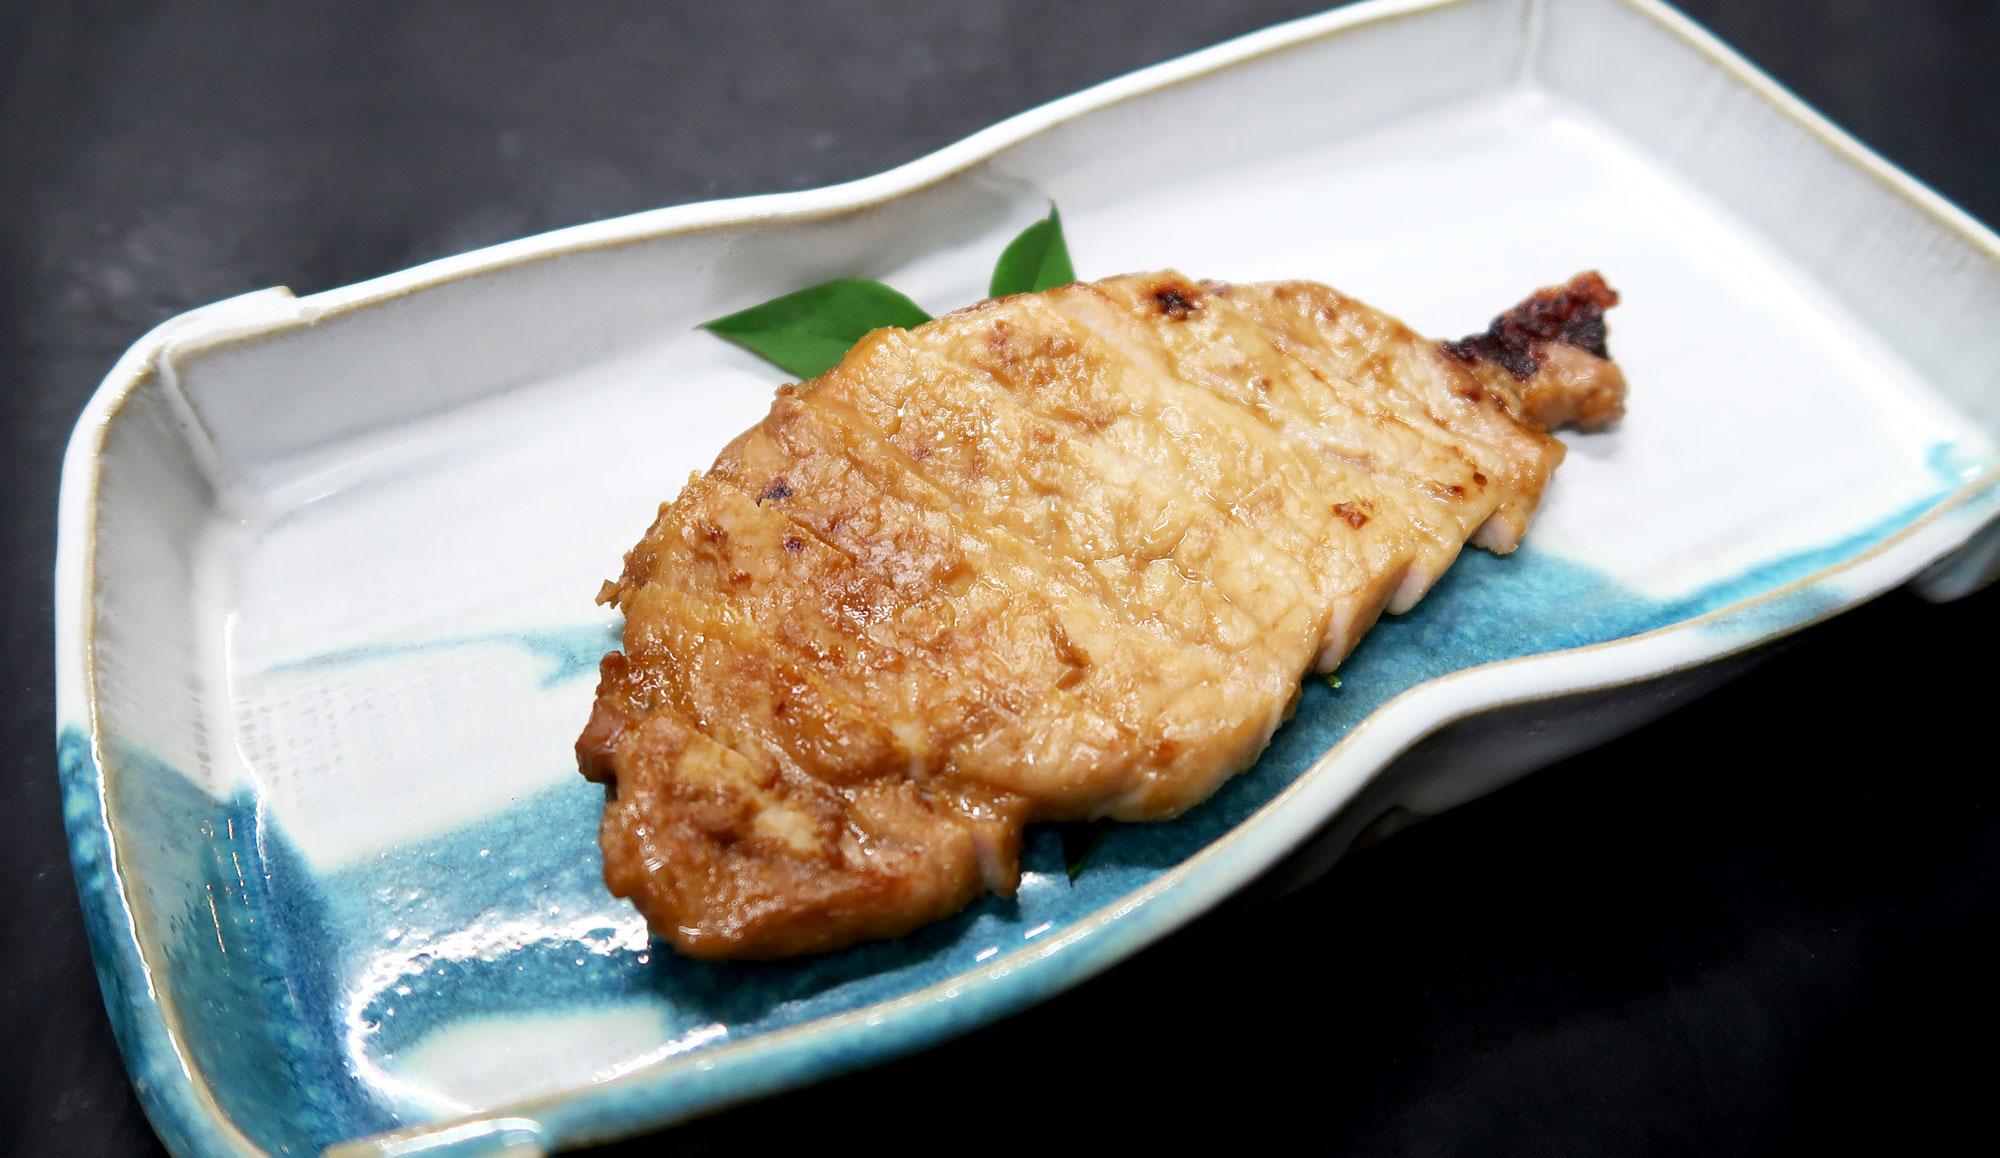 末廣園の国産豚ロース味噌漬け(3枚セット)